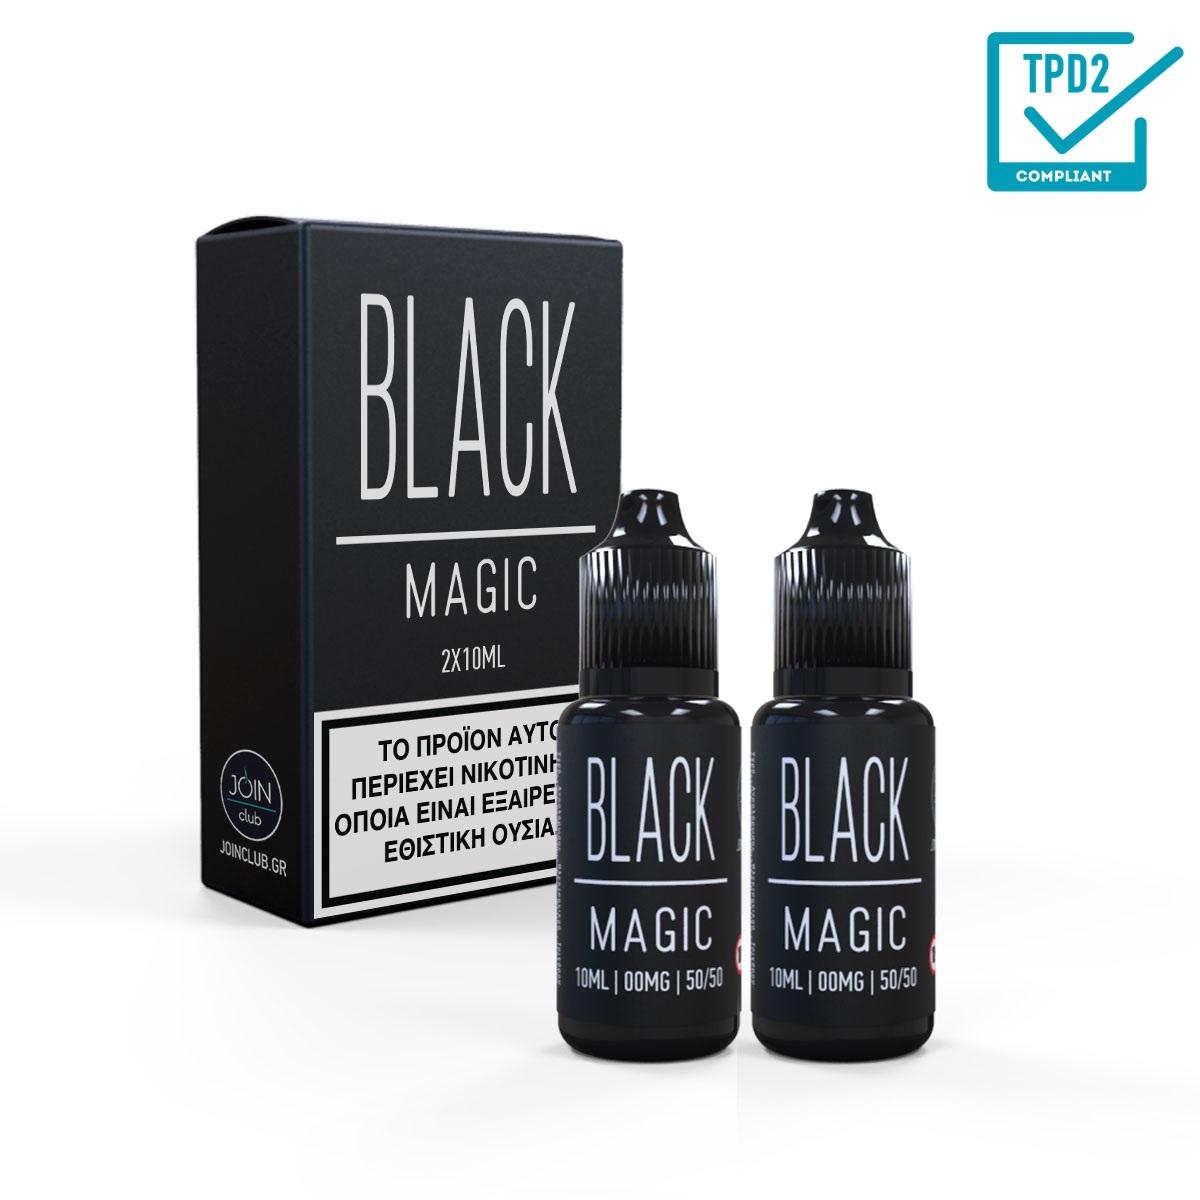 e-liquid-2x10ml-black-black-magic-vape-port